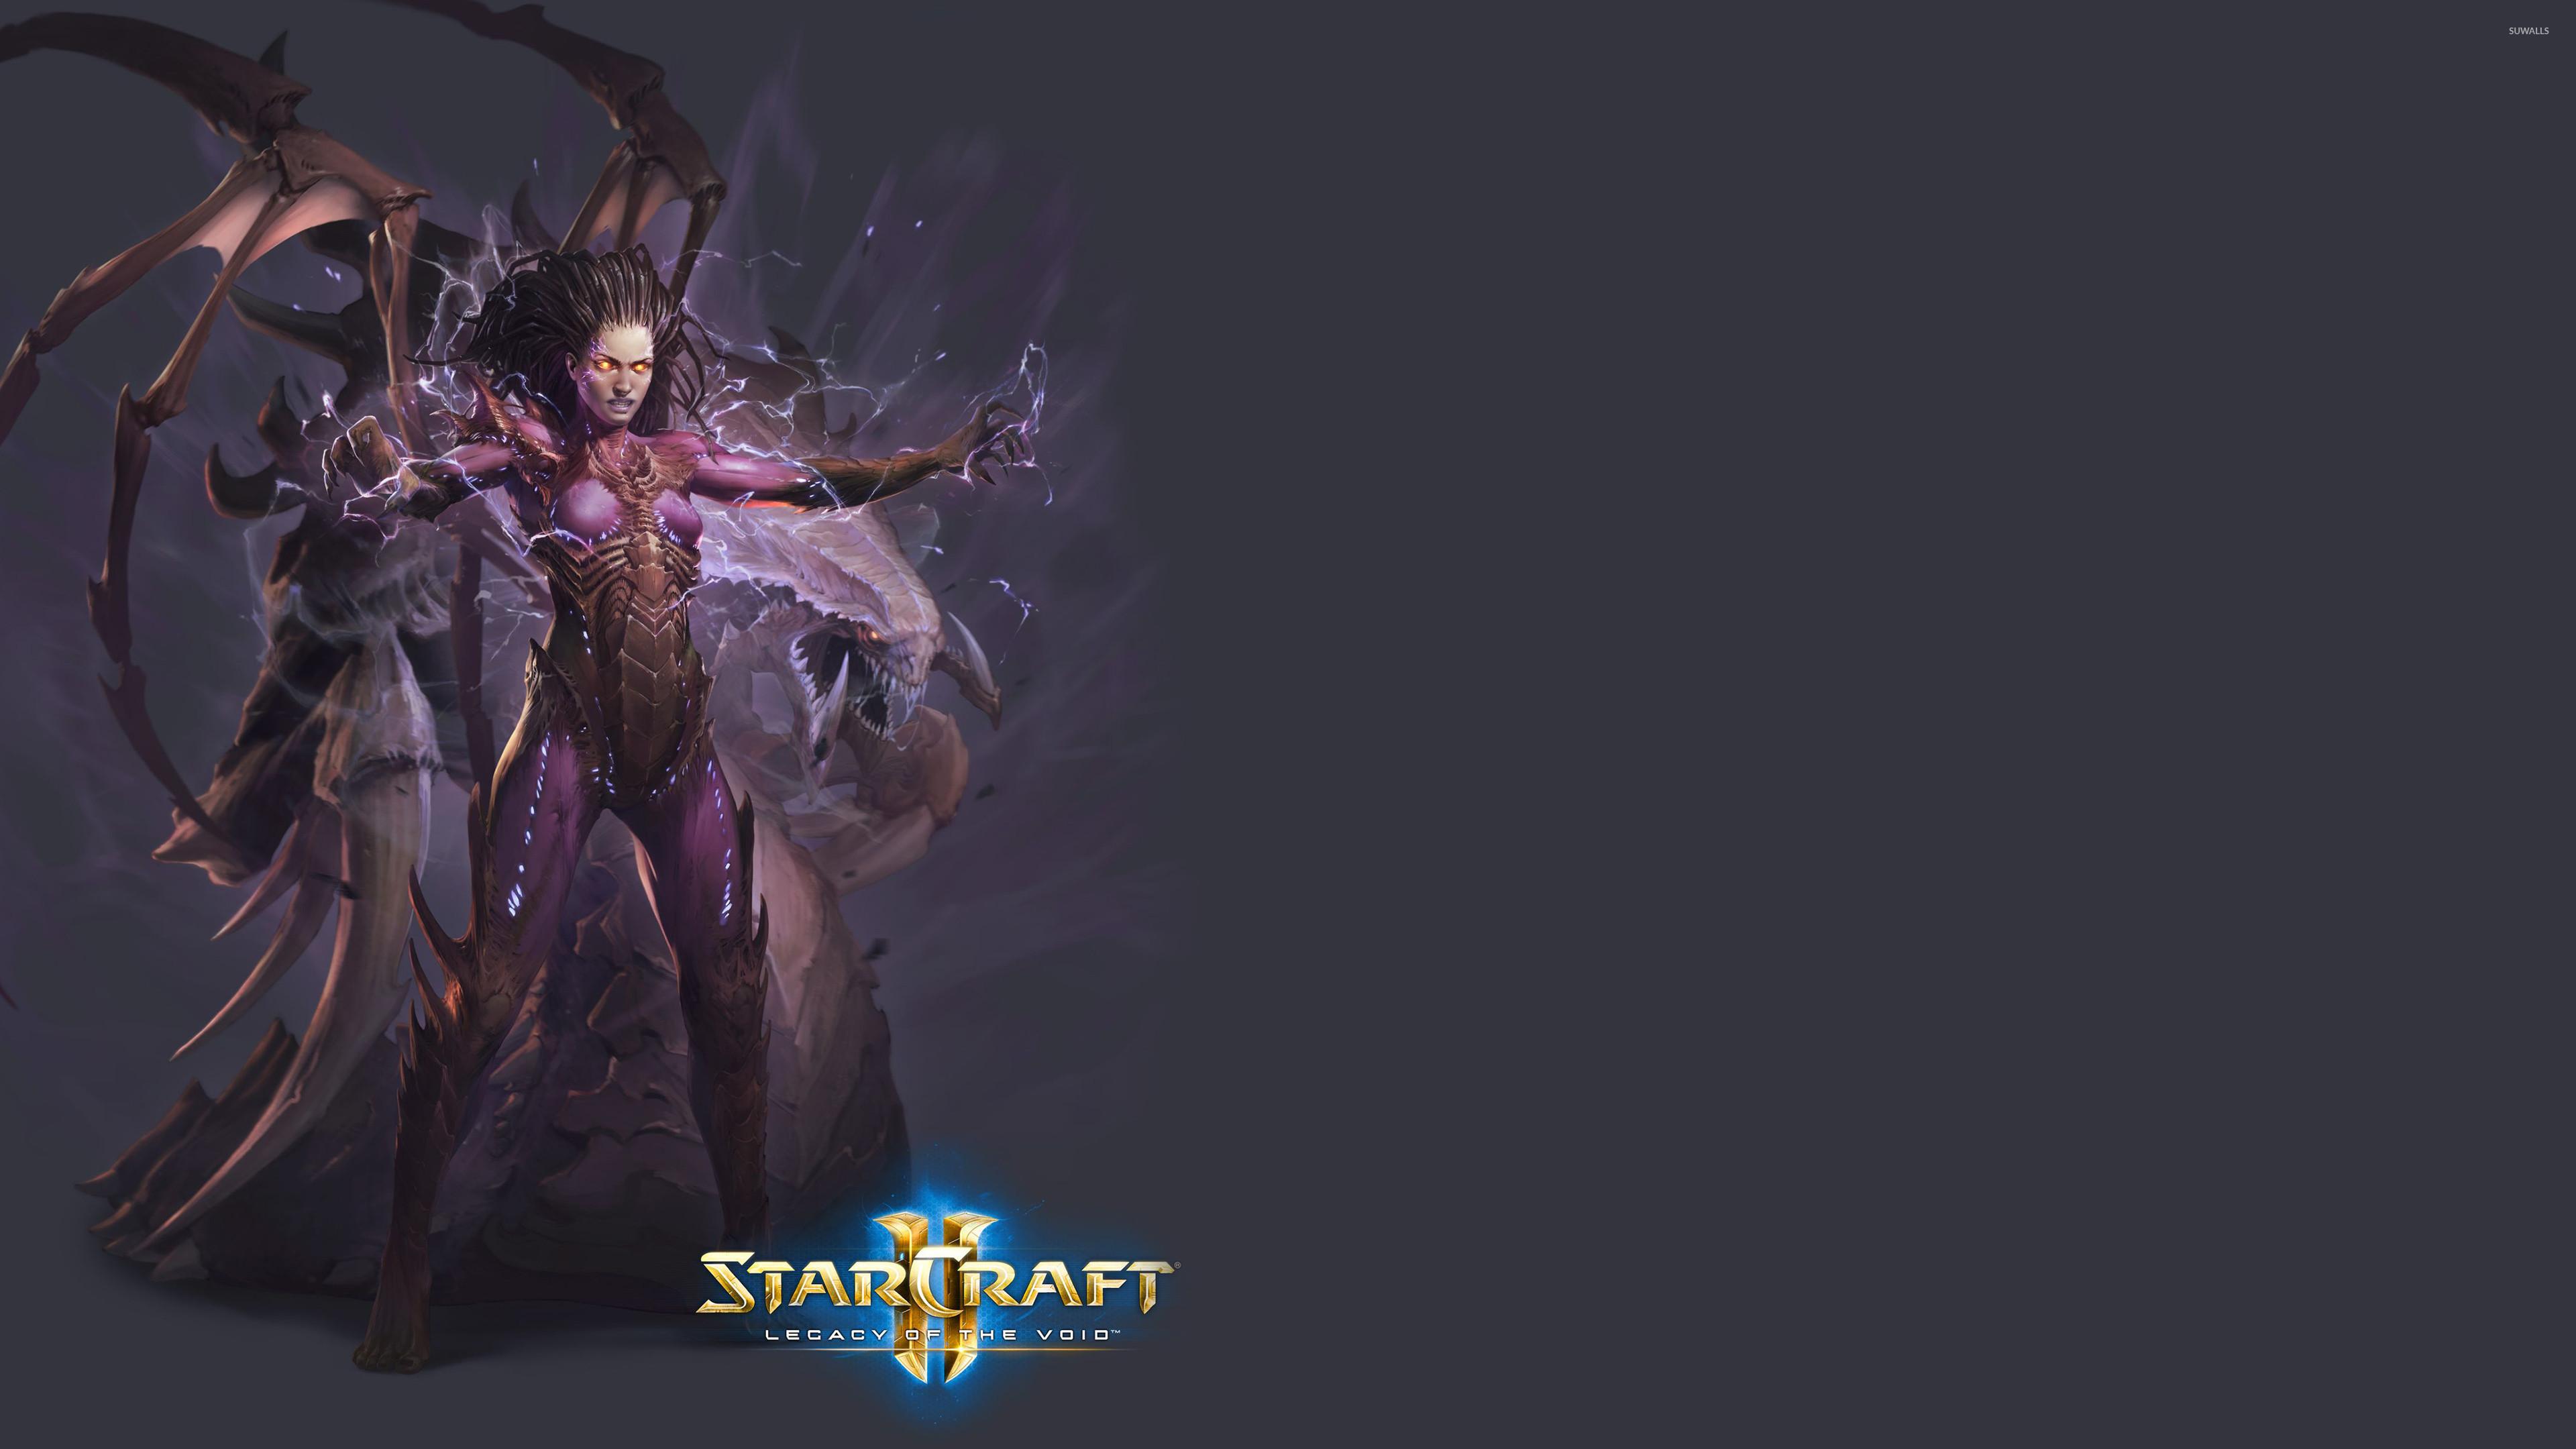 Sarah Kerrigan in StarCraft II: Legacy of the Void wallpaper